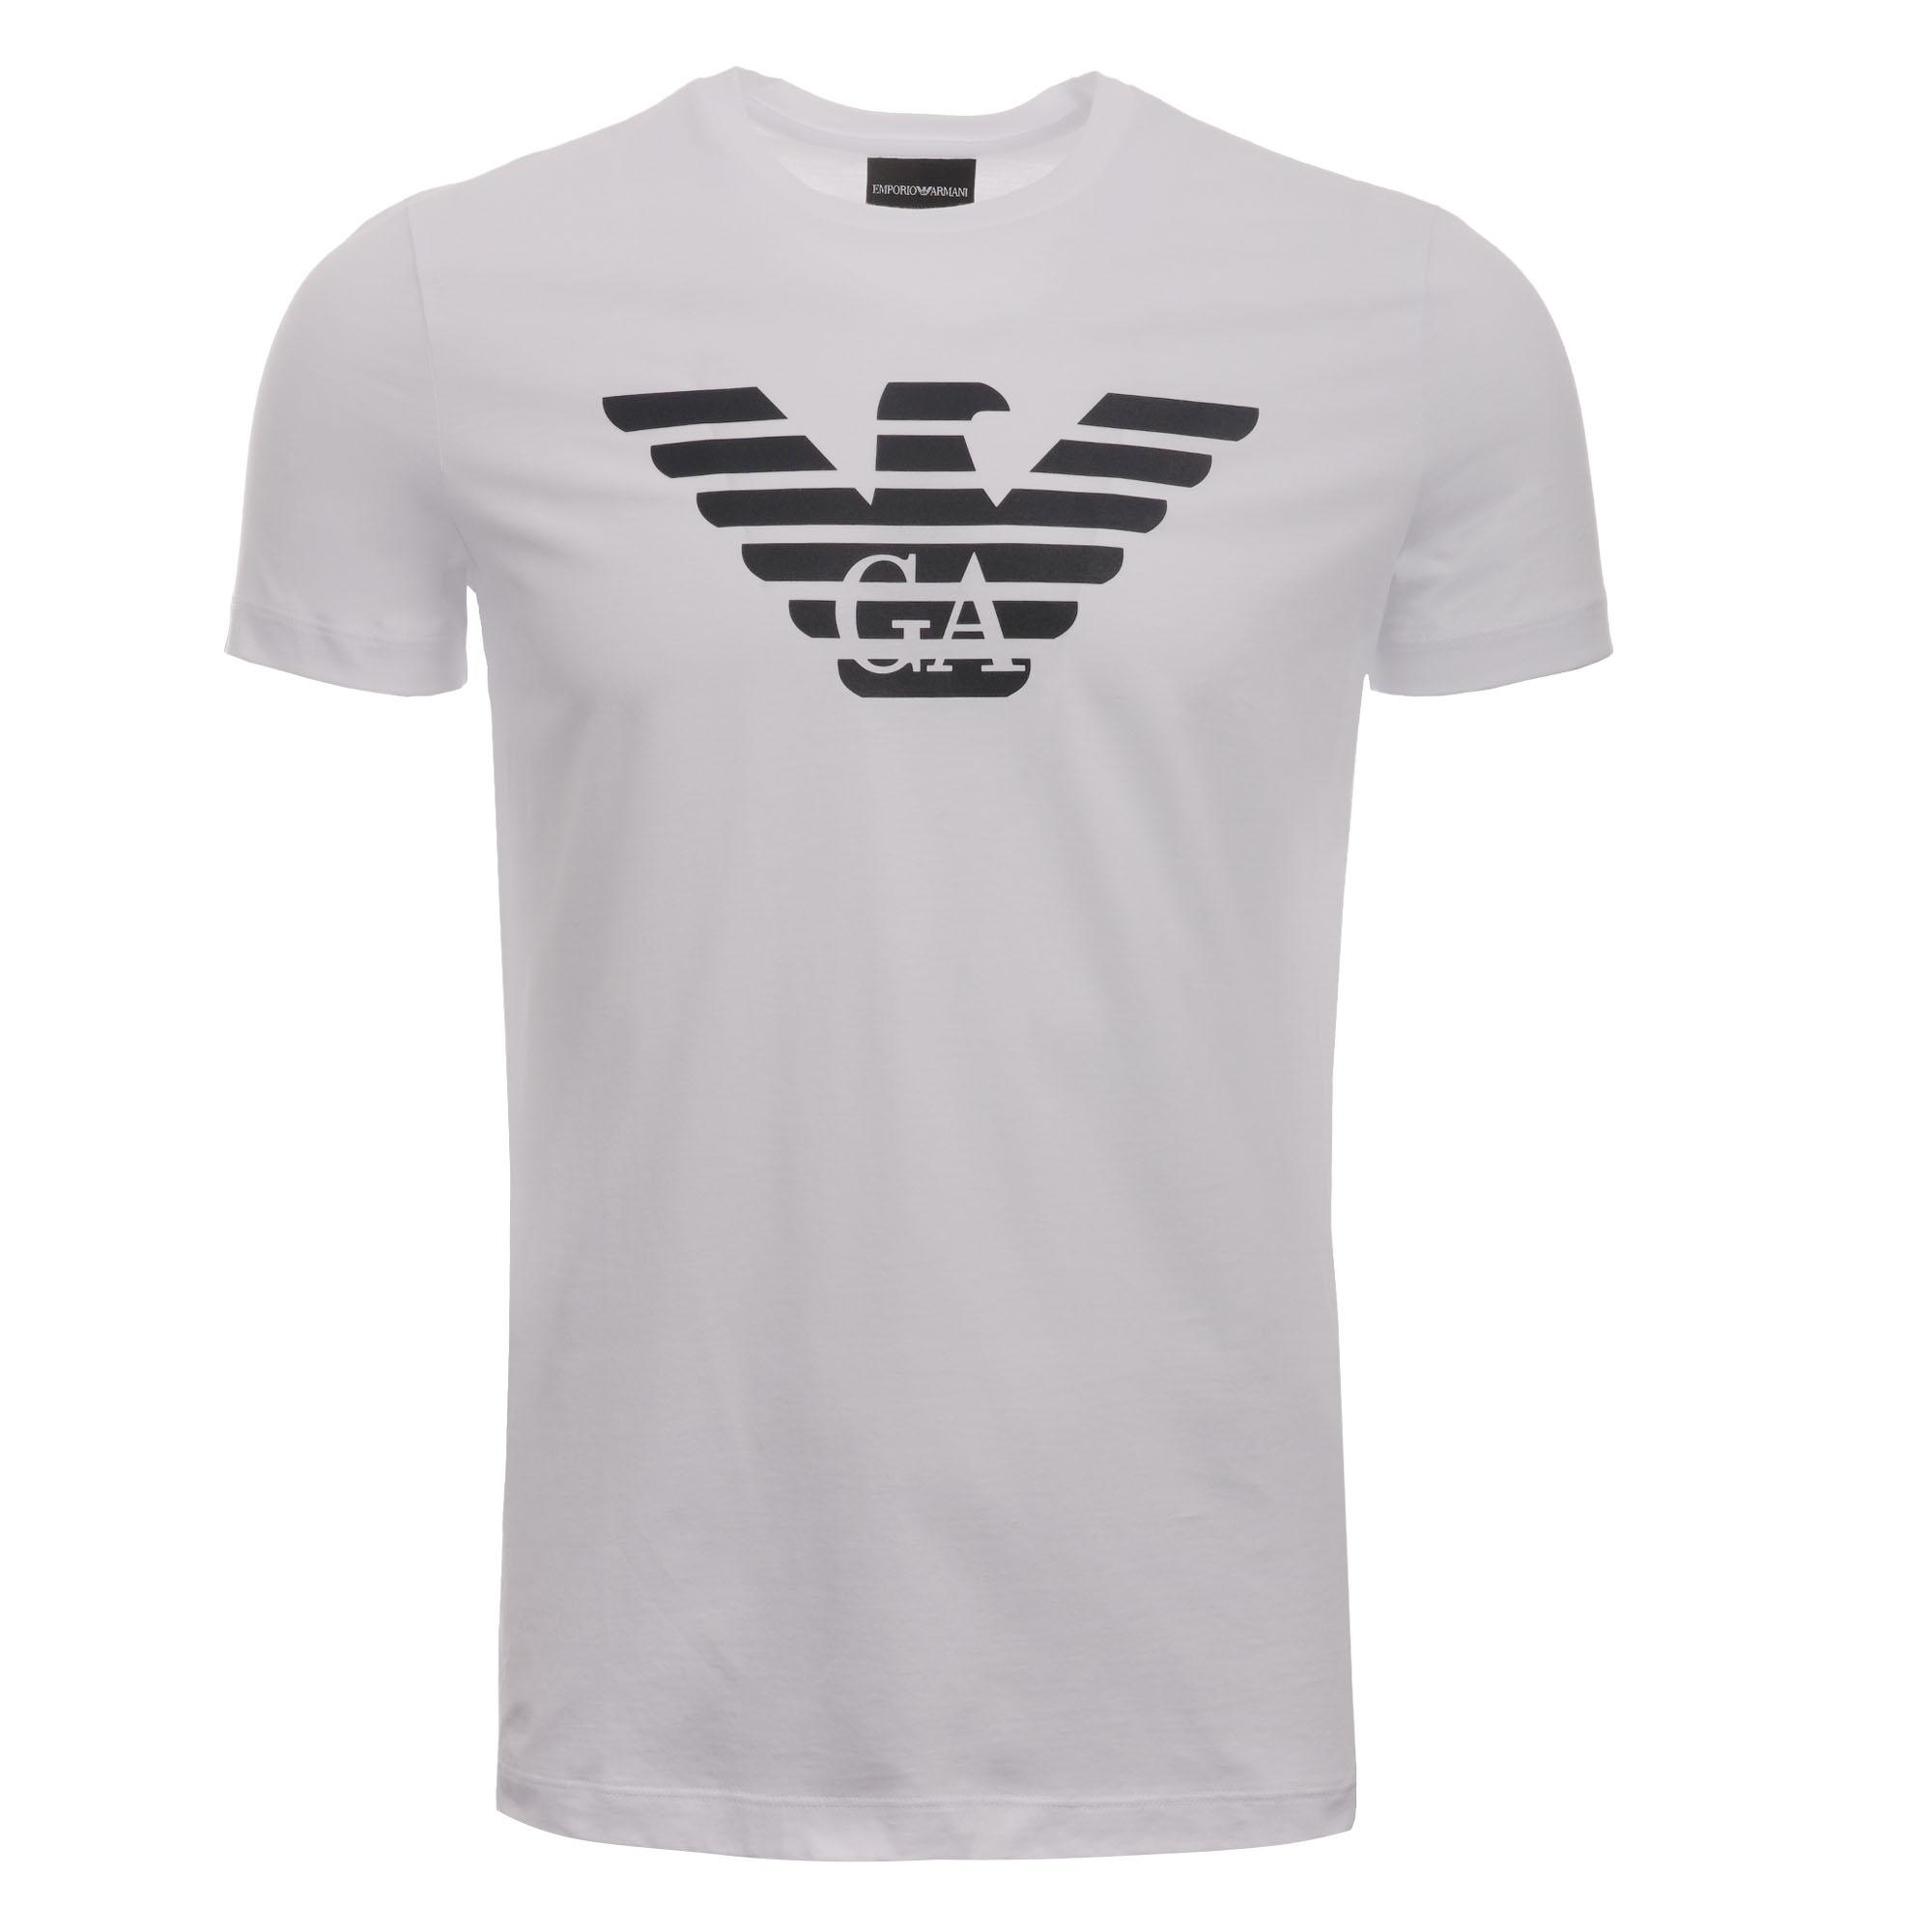 81790bb79 Emporio Armani Eagle Logo T-Shirt | White | AUS Stockists